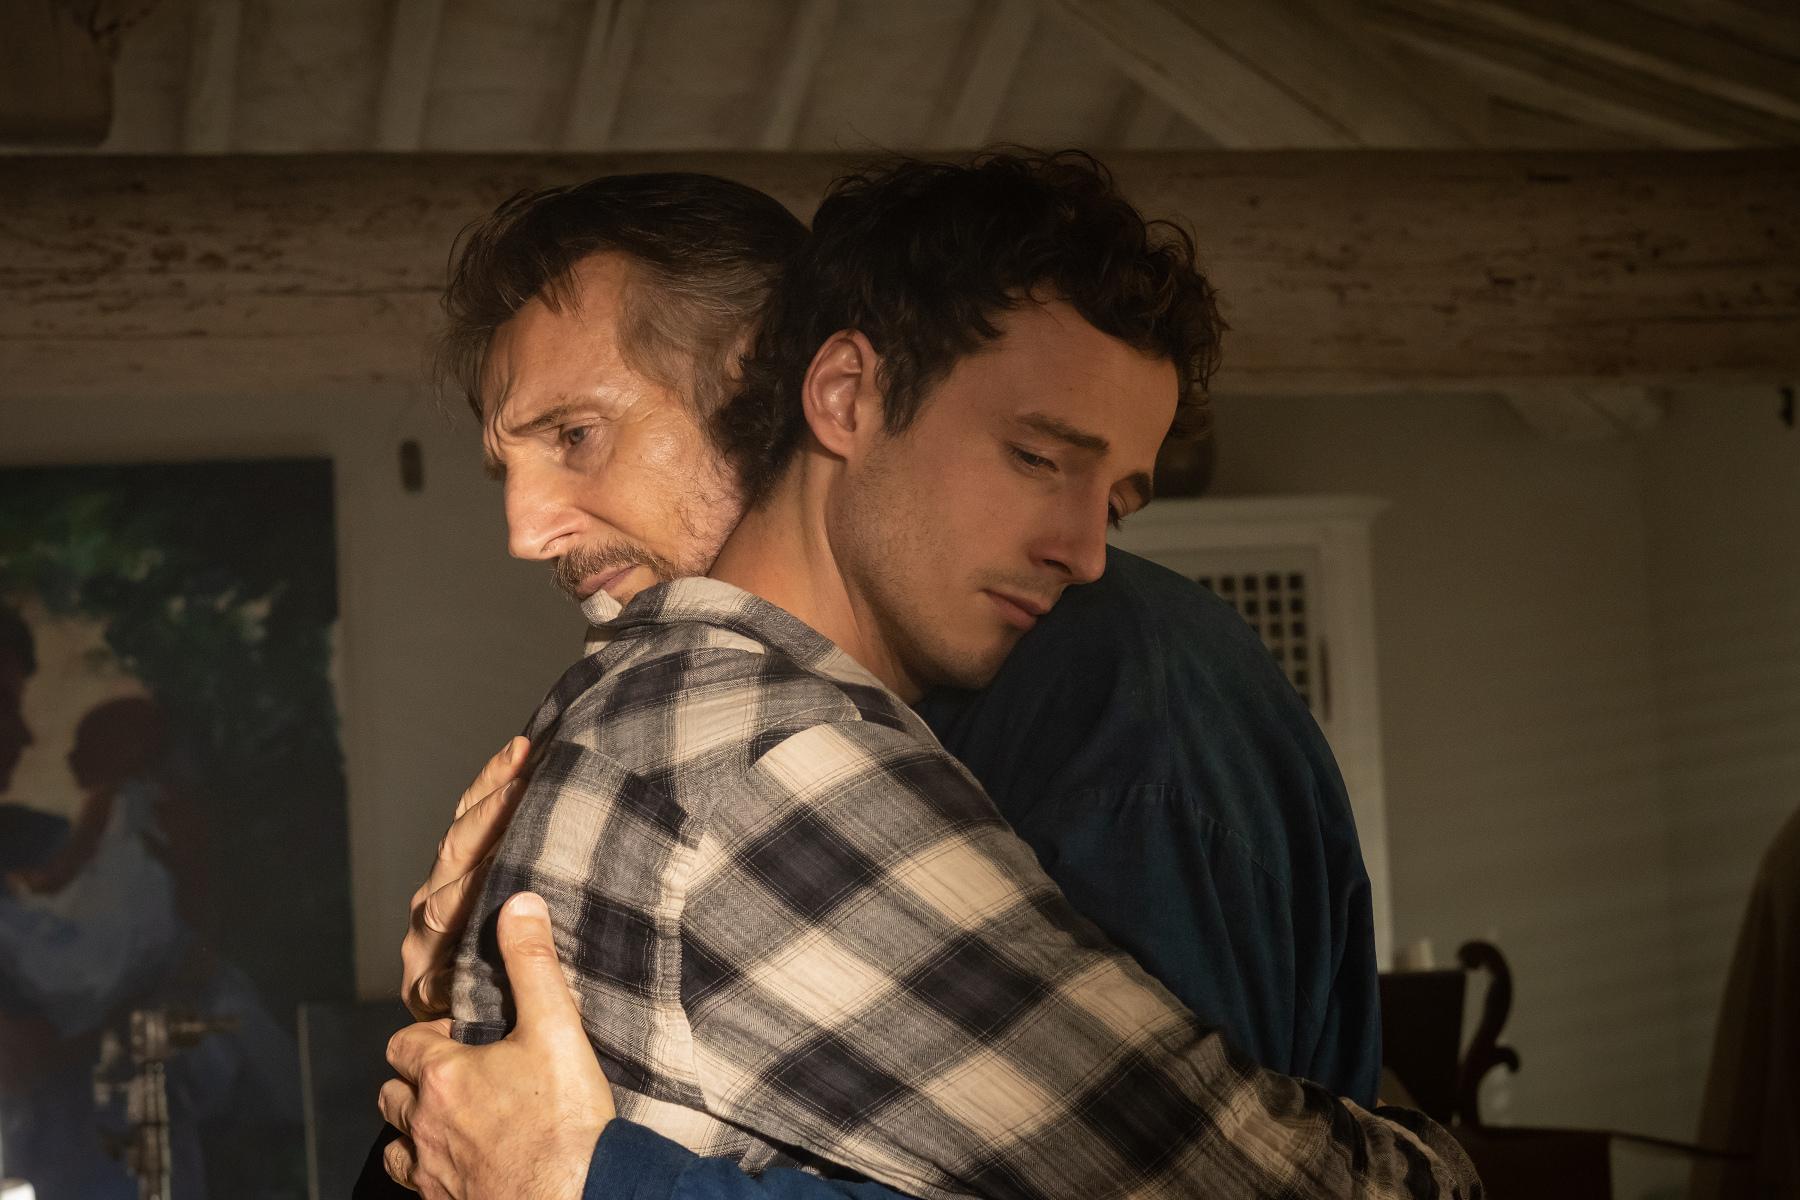 《下一站,托斯卡尼》連恩尼遜攜兒子探討父子情 麥可李察遜接演暗藏玄機